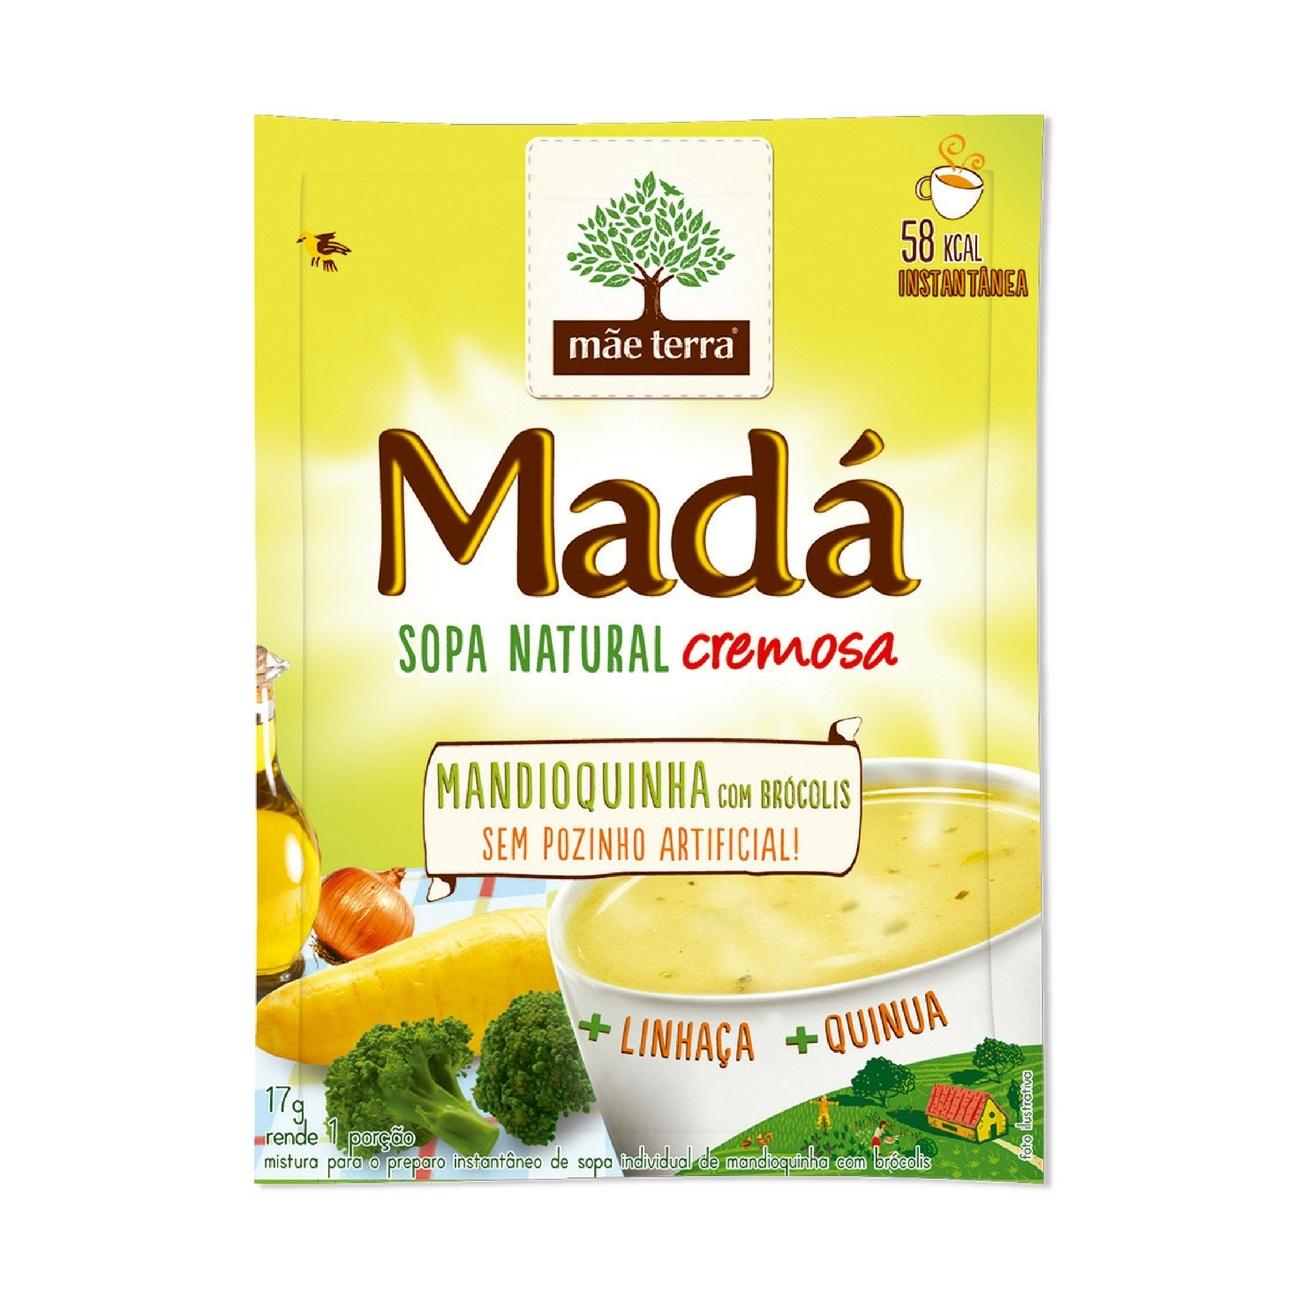 Sopa instantânea Natural Madá Mandioquinha com Brócolis 17g | Display